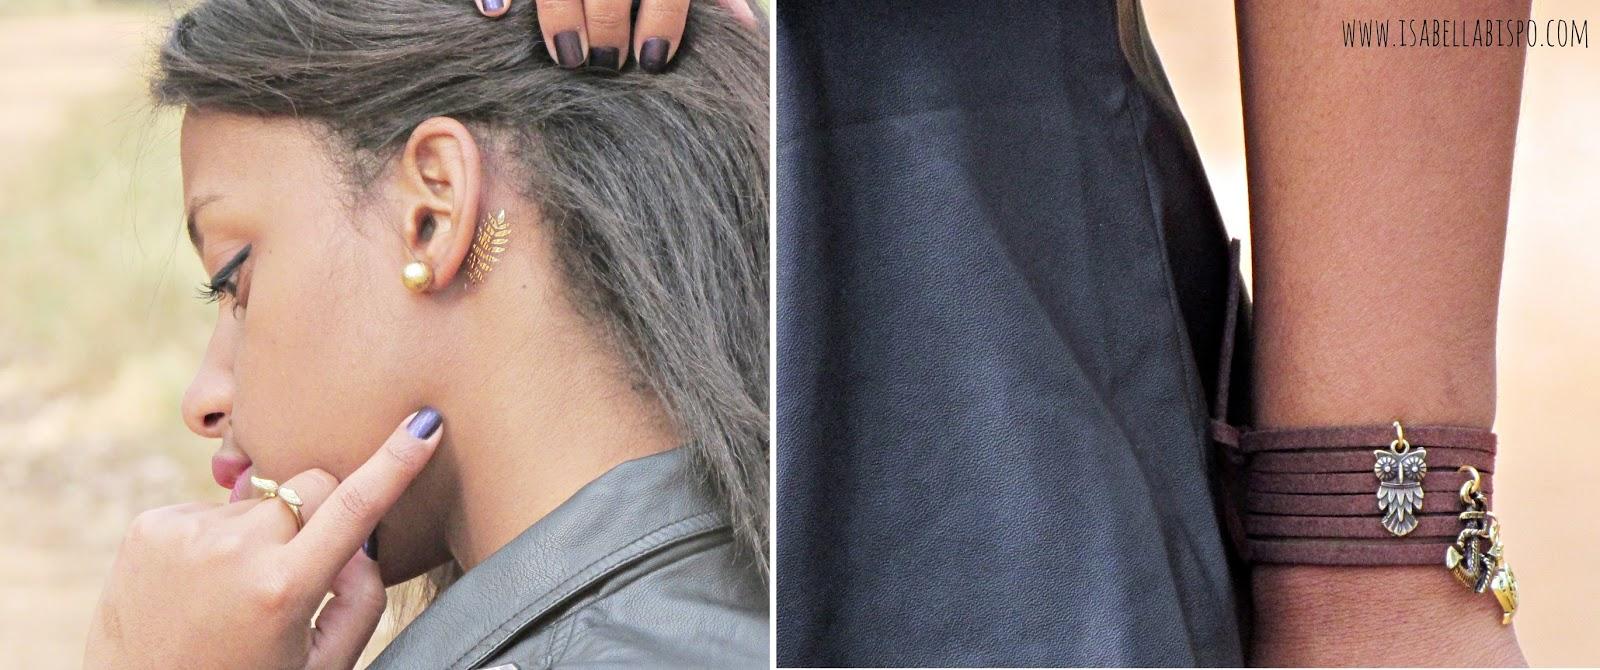 Detalhes do look - flash tatto e pulseira de courino marrom.